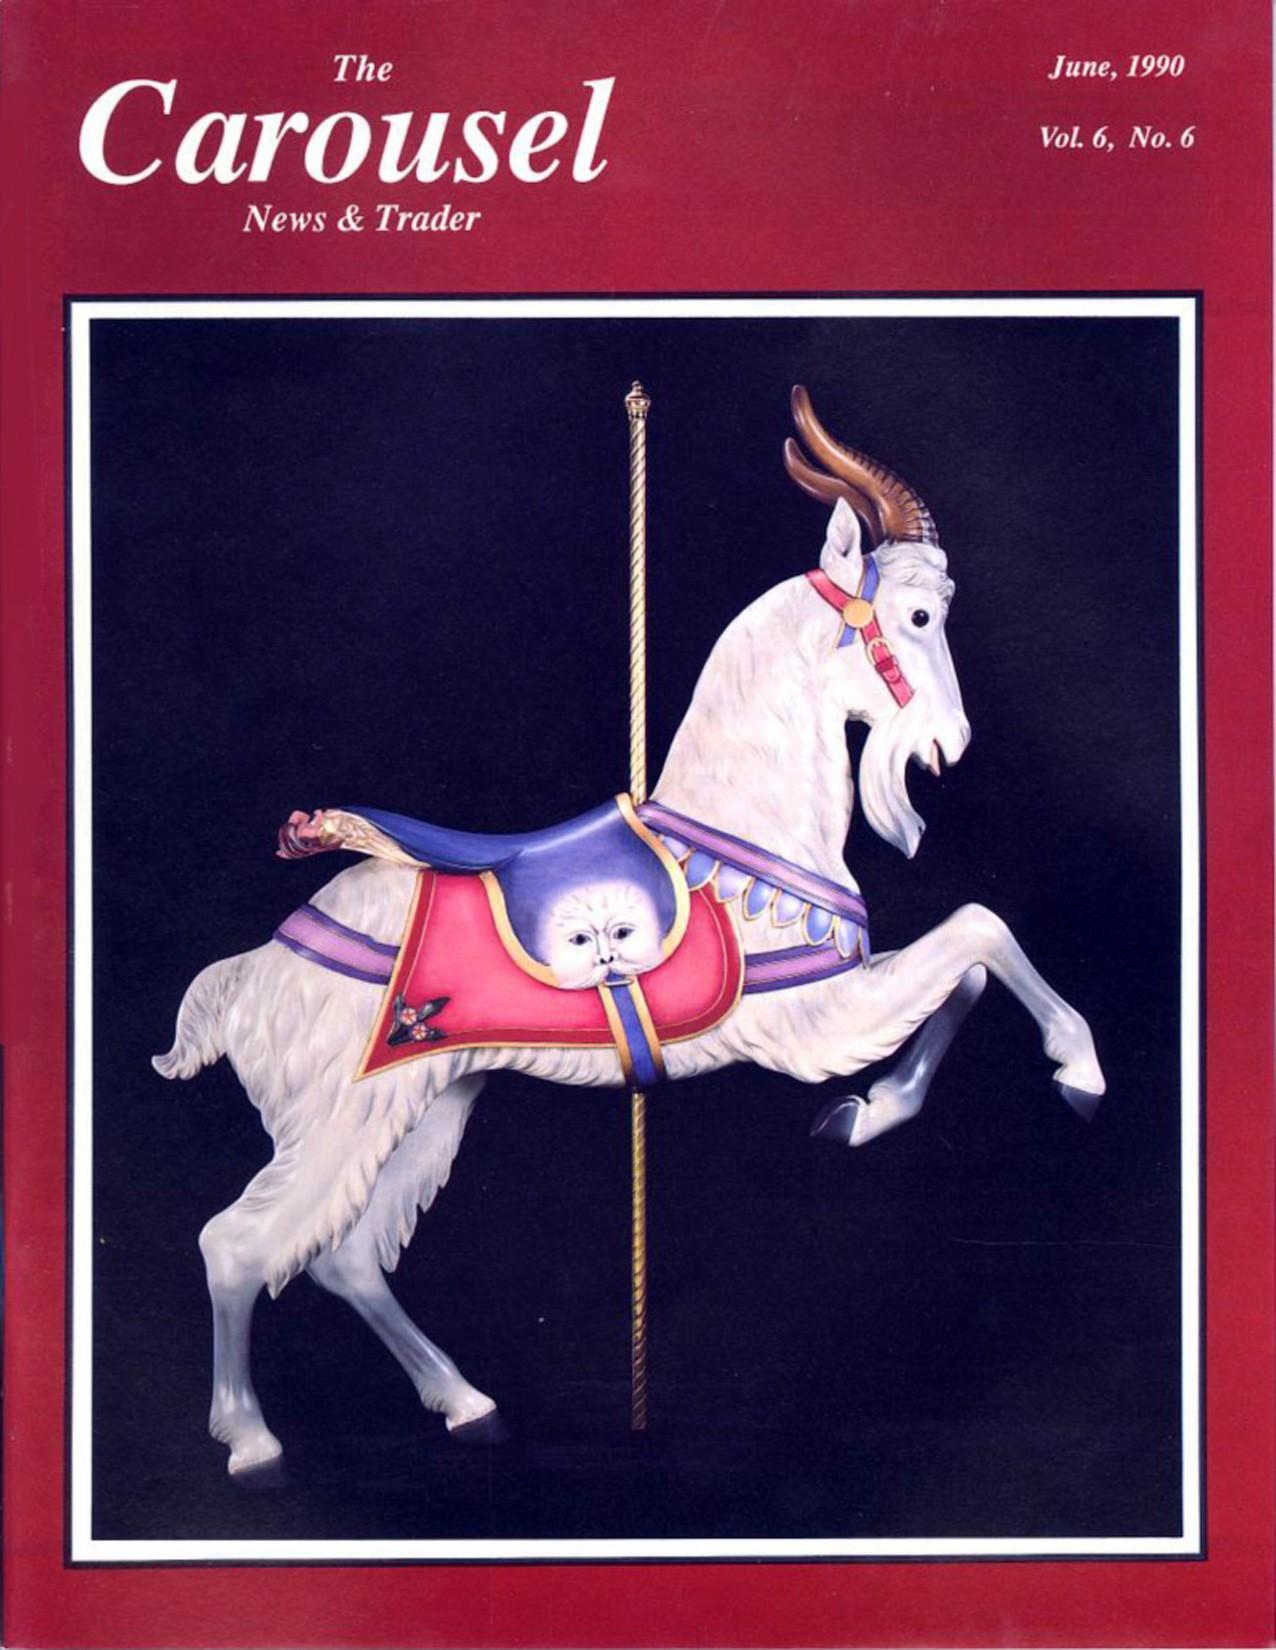 Carousel-News_06_1990-rare-D-C-Muller-carousel-goat